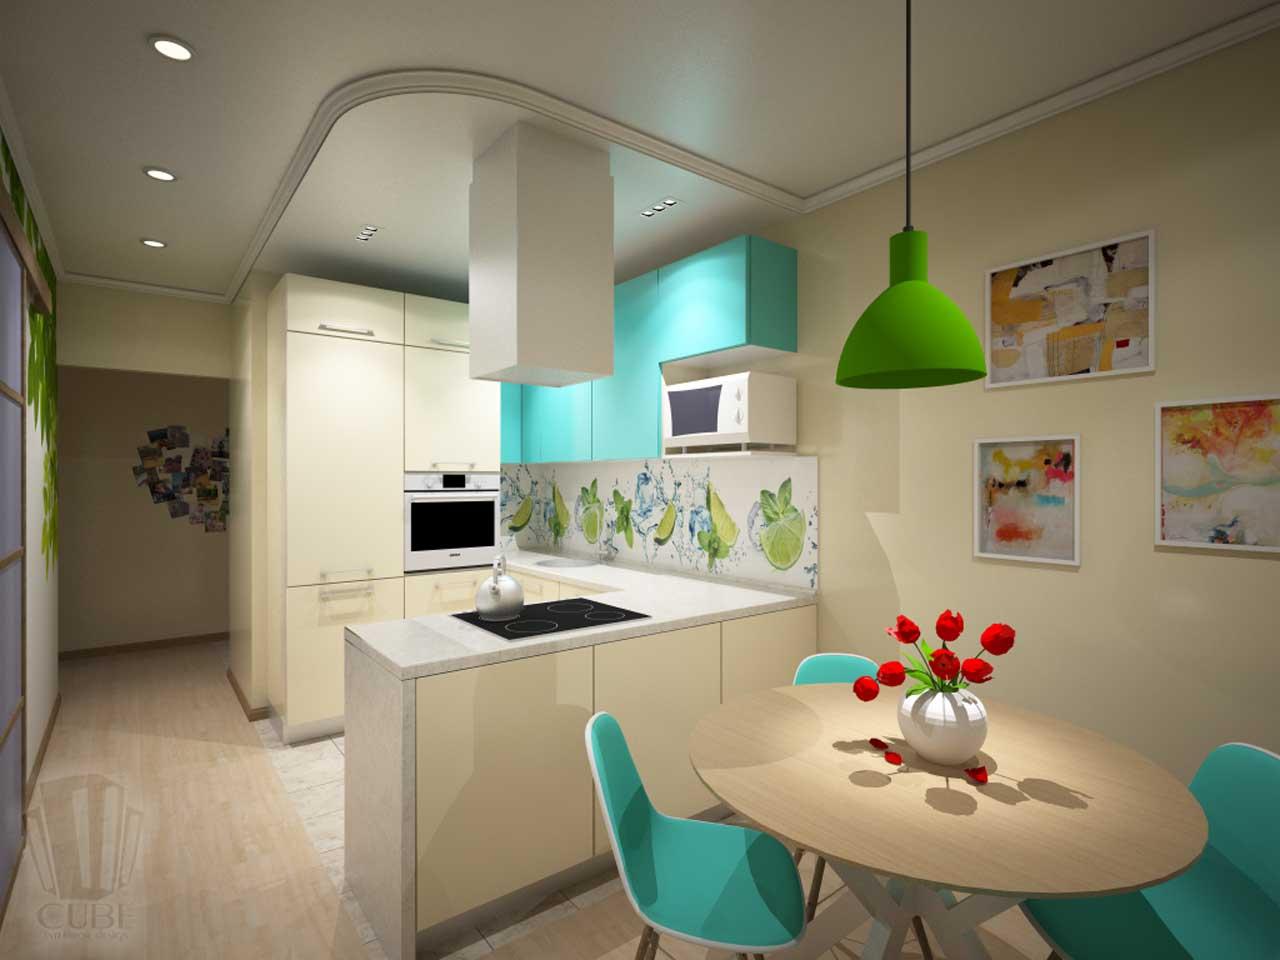 Дизайн-проект интерьера. Тюмень ул. Широтная д.158. Квартира для молодой семьи (17)